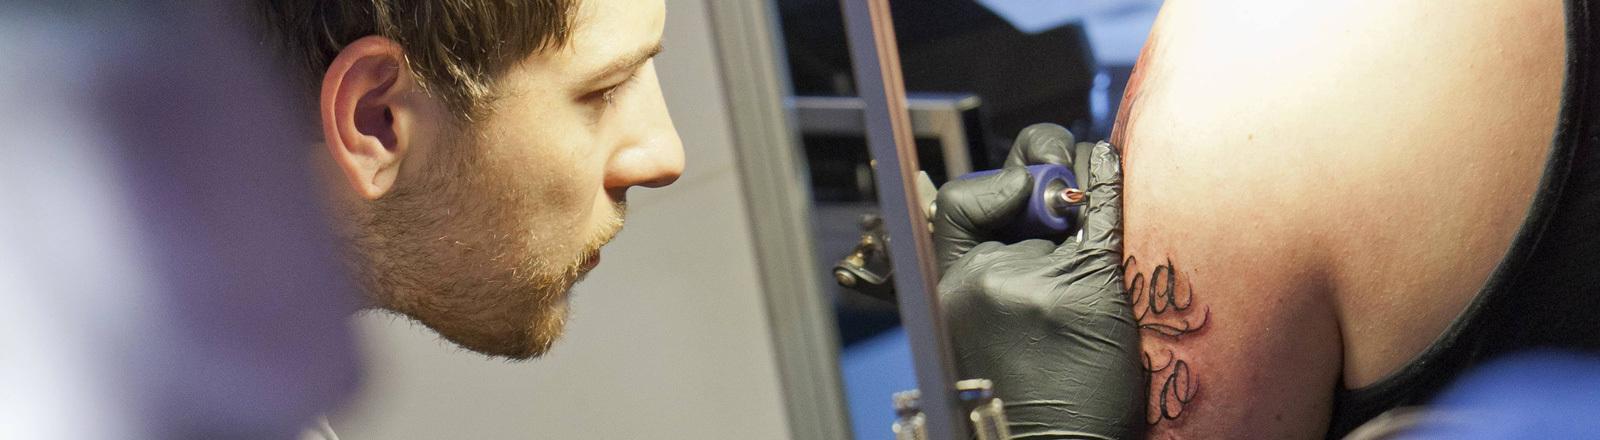 Ein Tätowierer bei der Arbeit; er sticht auf den Oberarm eines Mannes ein Tattoo.